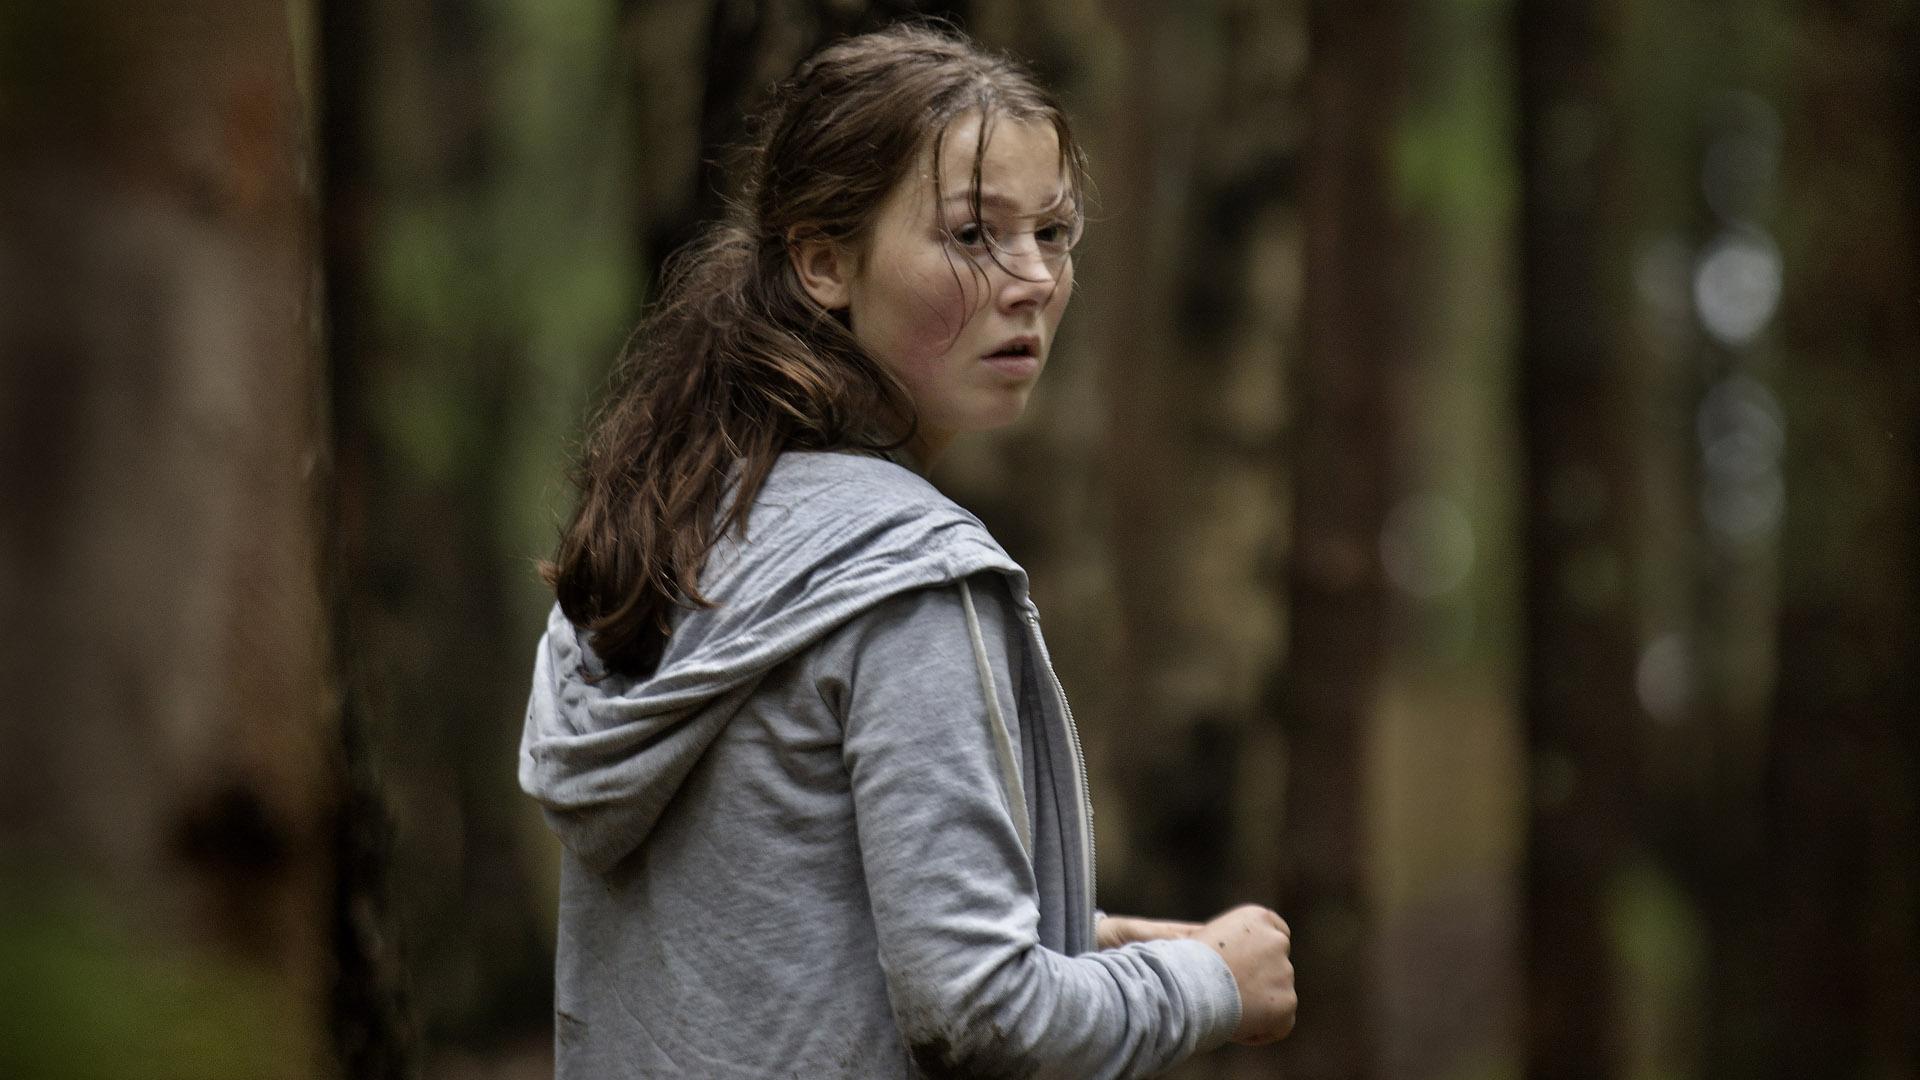 Andrea Bentzen jako Kaja, główna bohaterka poszukująca na wyspie siostry podczas masakry.